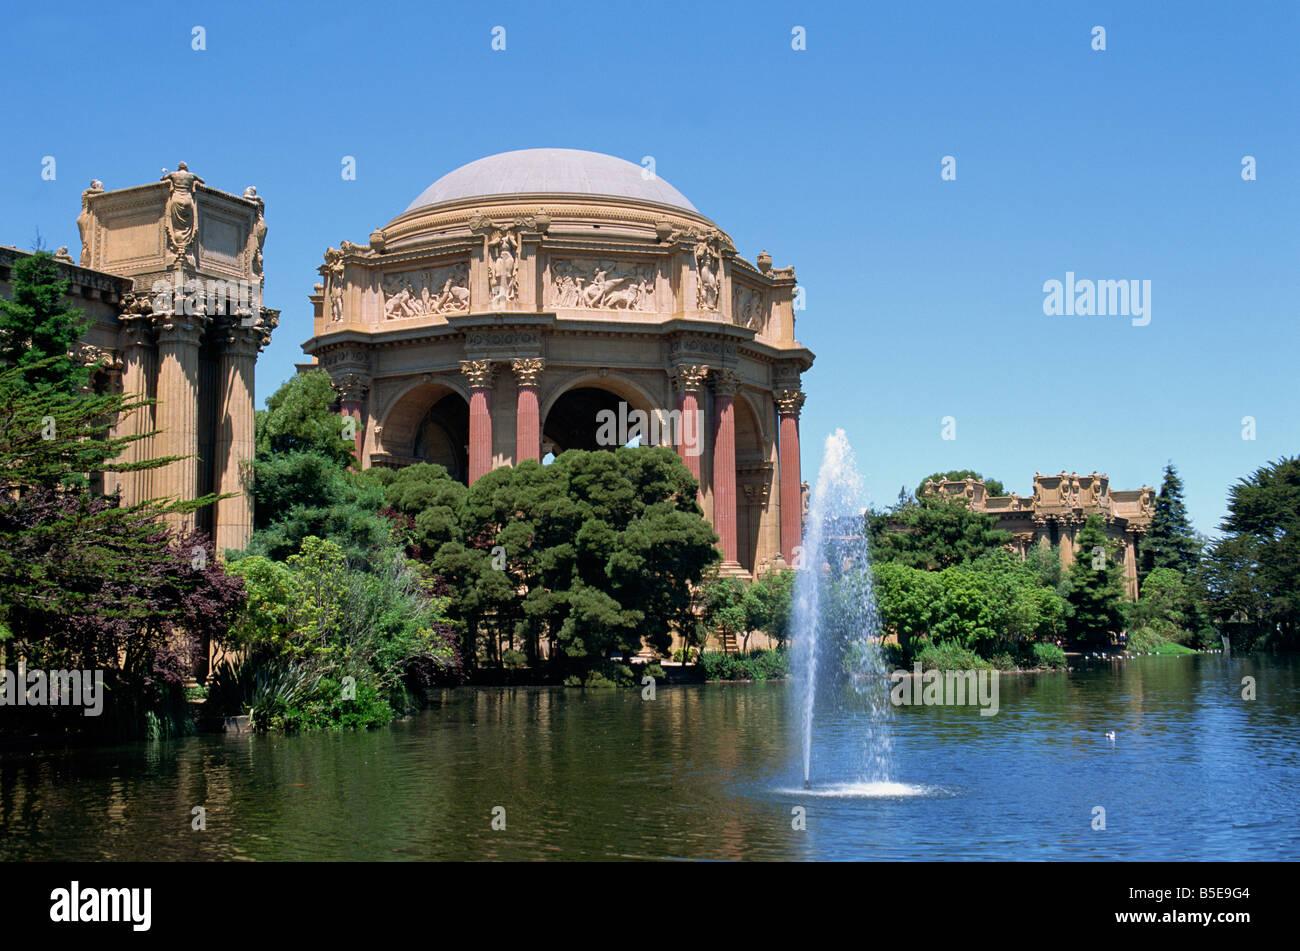 Der Palast der schönen Künste von Gips für die Pan-Pacific-Ausstellung im Jahre 1915 erbaut und restauriert Stockbild